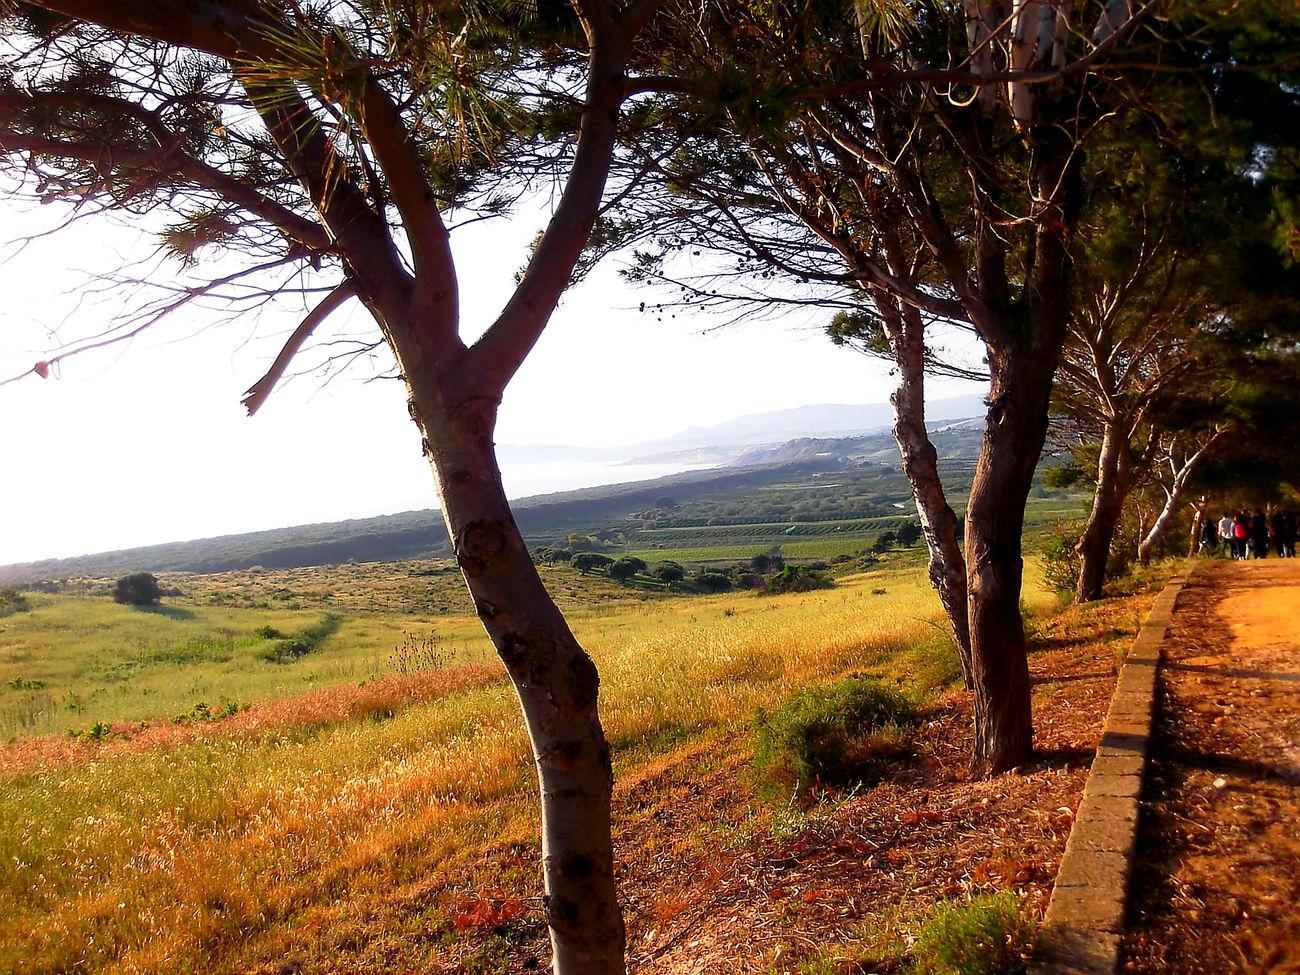 Agriculture Agrigento Alberi Albero Beauty In Nature Campi Colline Costa Erba Field Landscape Mare Nature Outdoors Rural Scene Sentiero Sicilia Tramonto Tranquil Scene Tranquility Tree